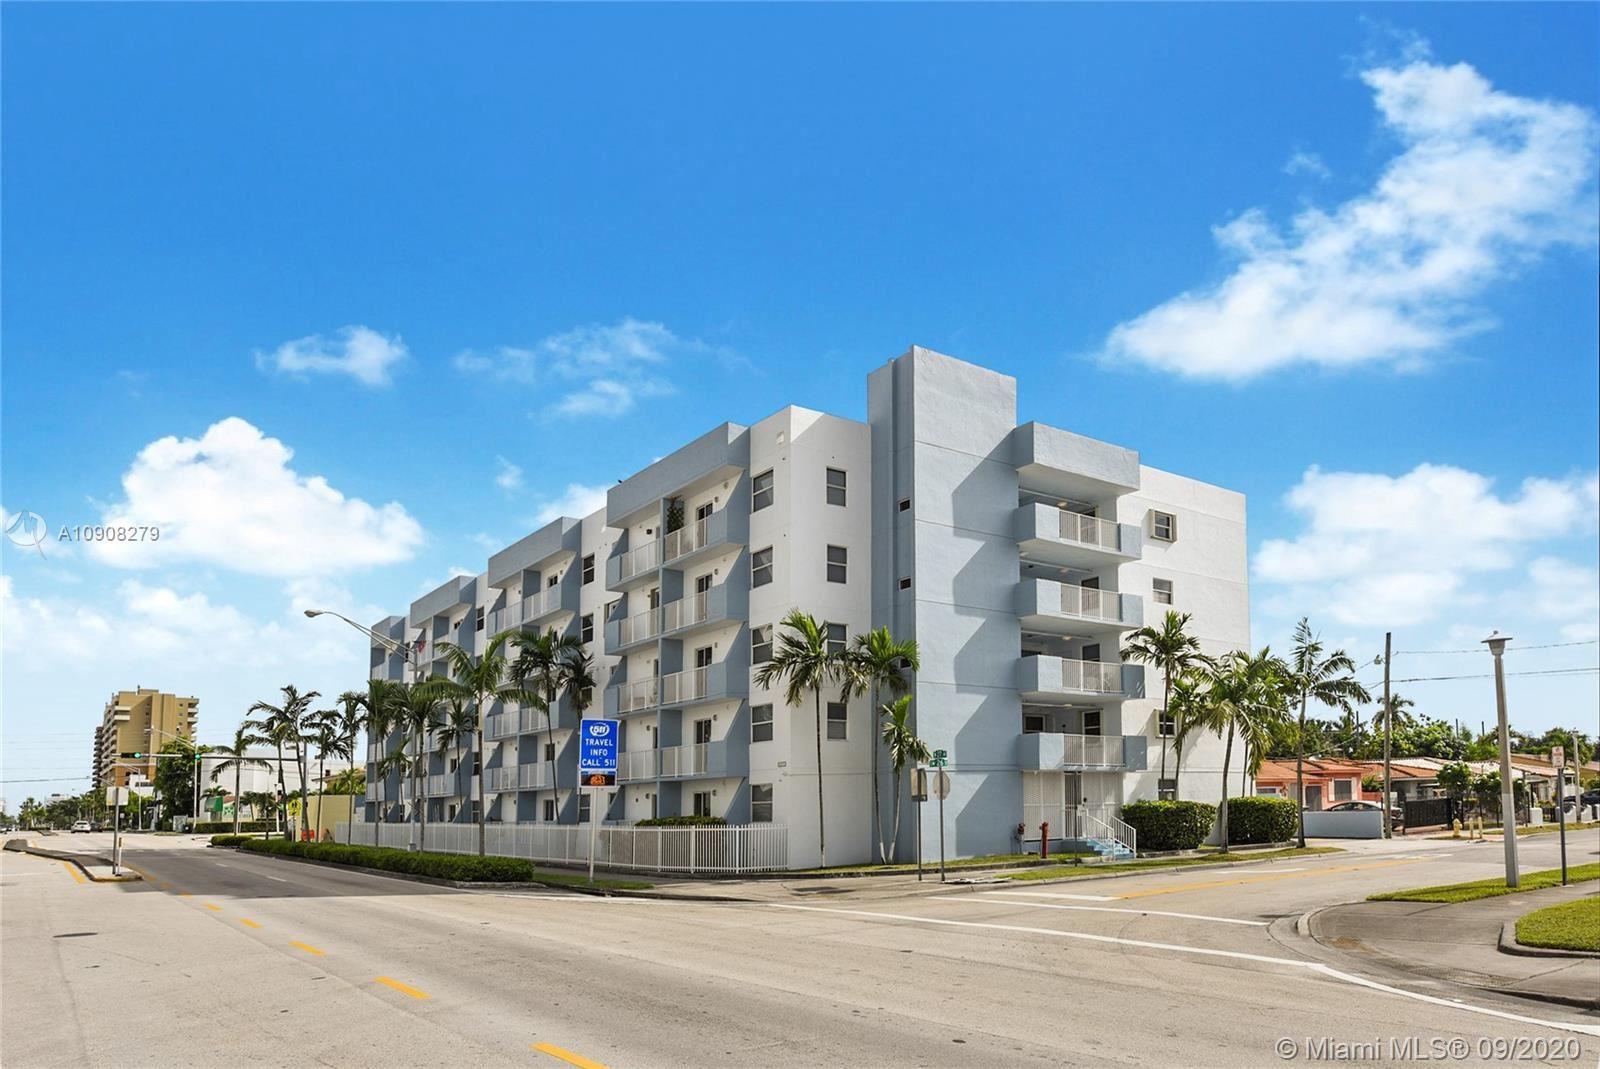 2575 SW 27th Ave #103, Miami, FL 33133 - #: A10908279